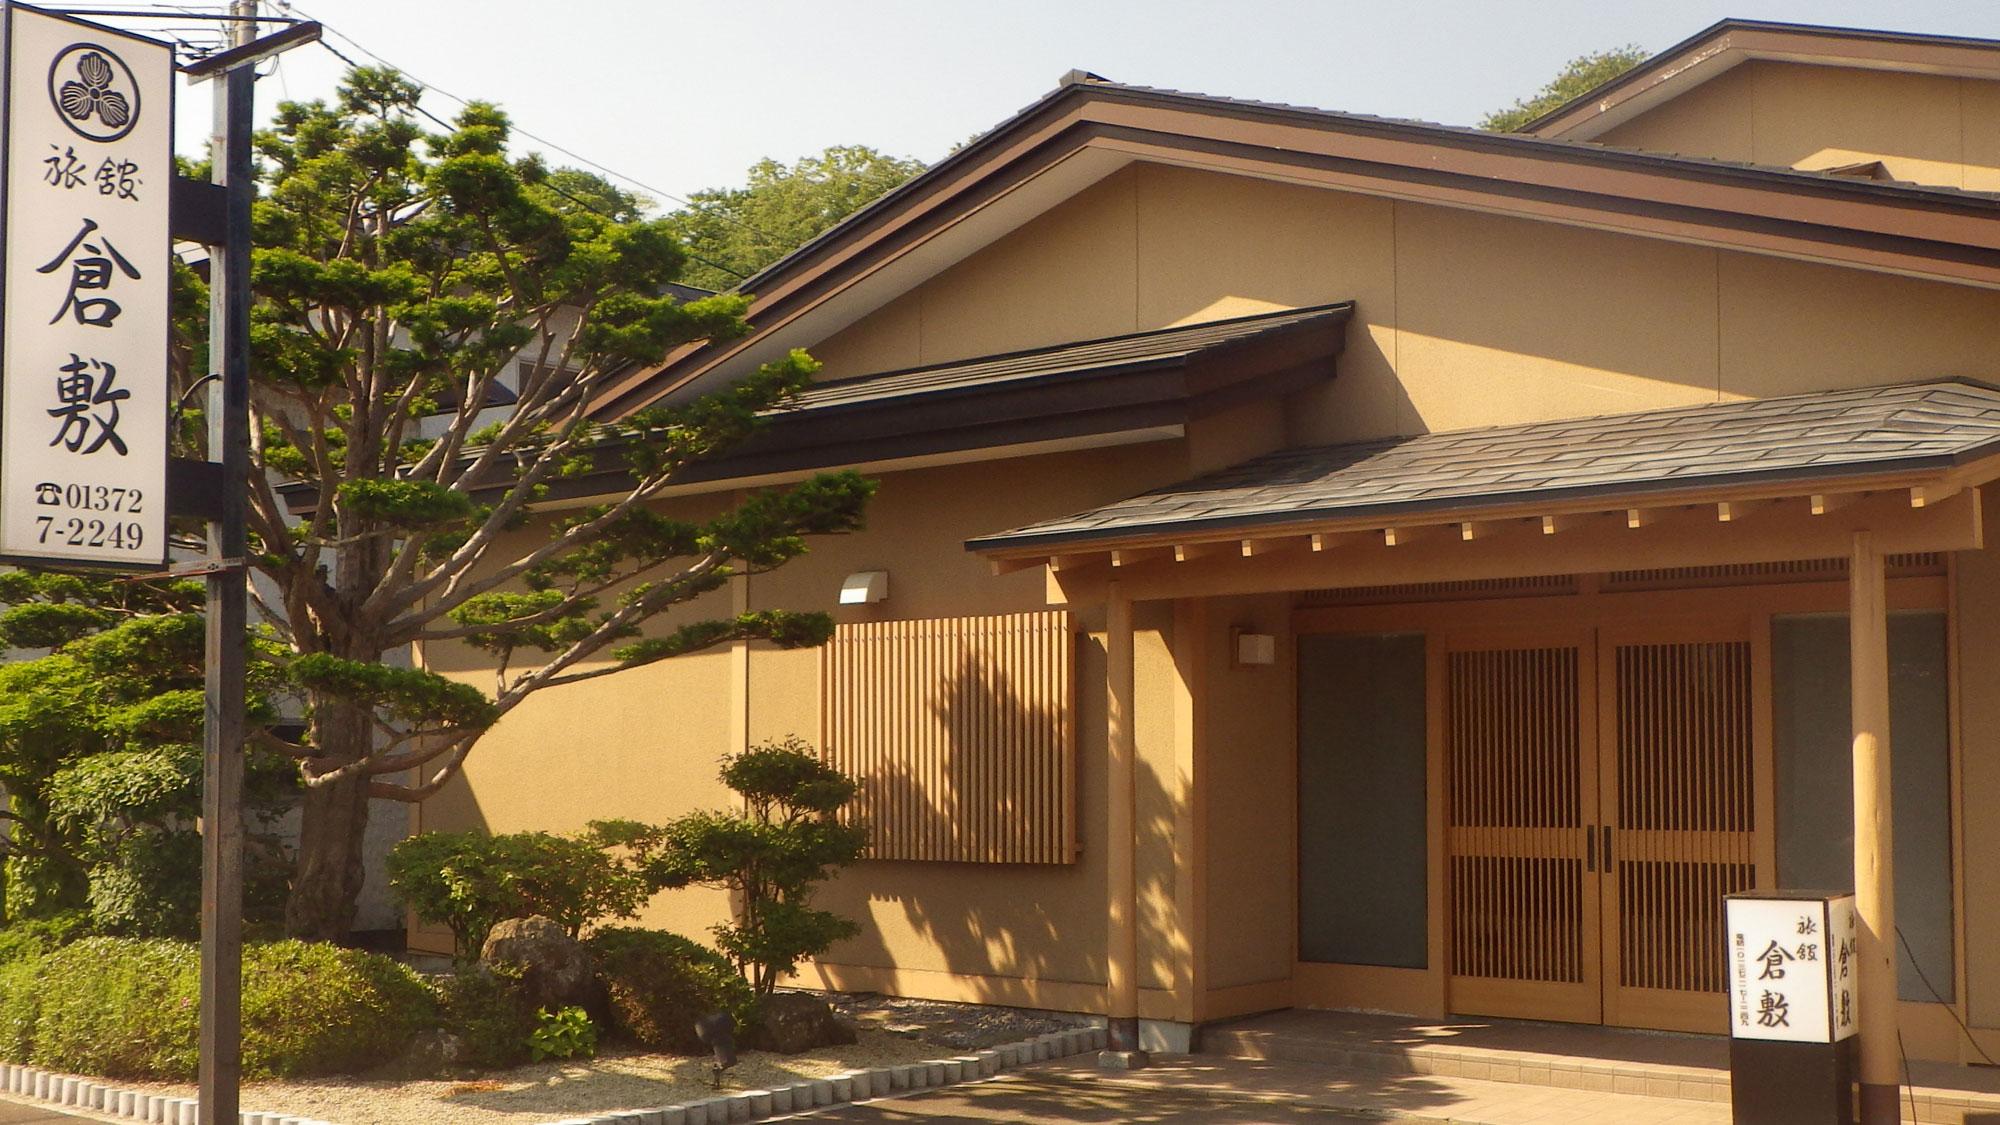 鹿部温泉 旅館 倉敷